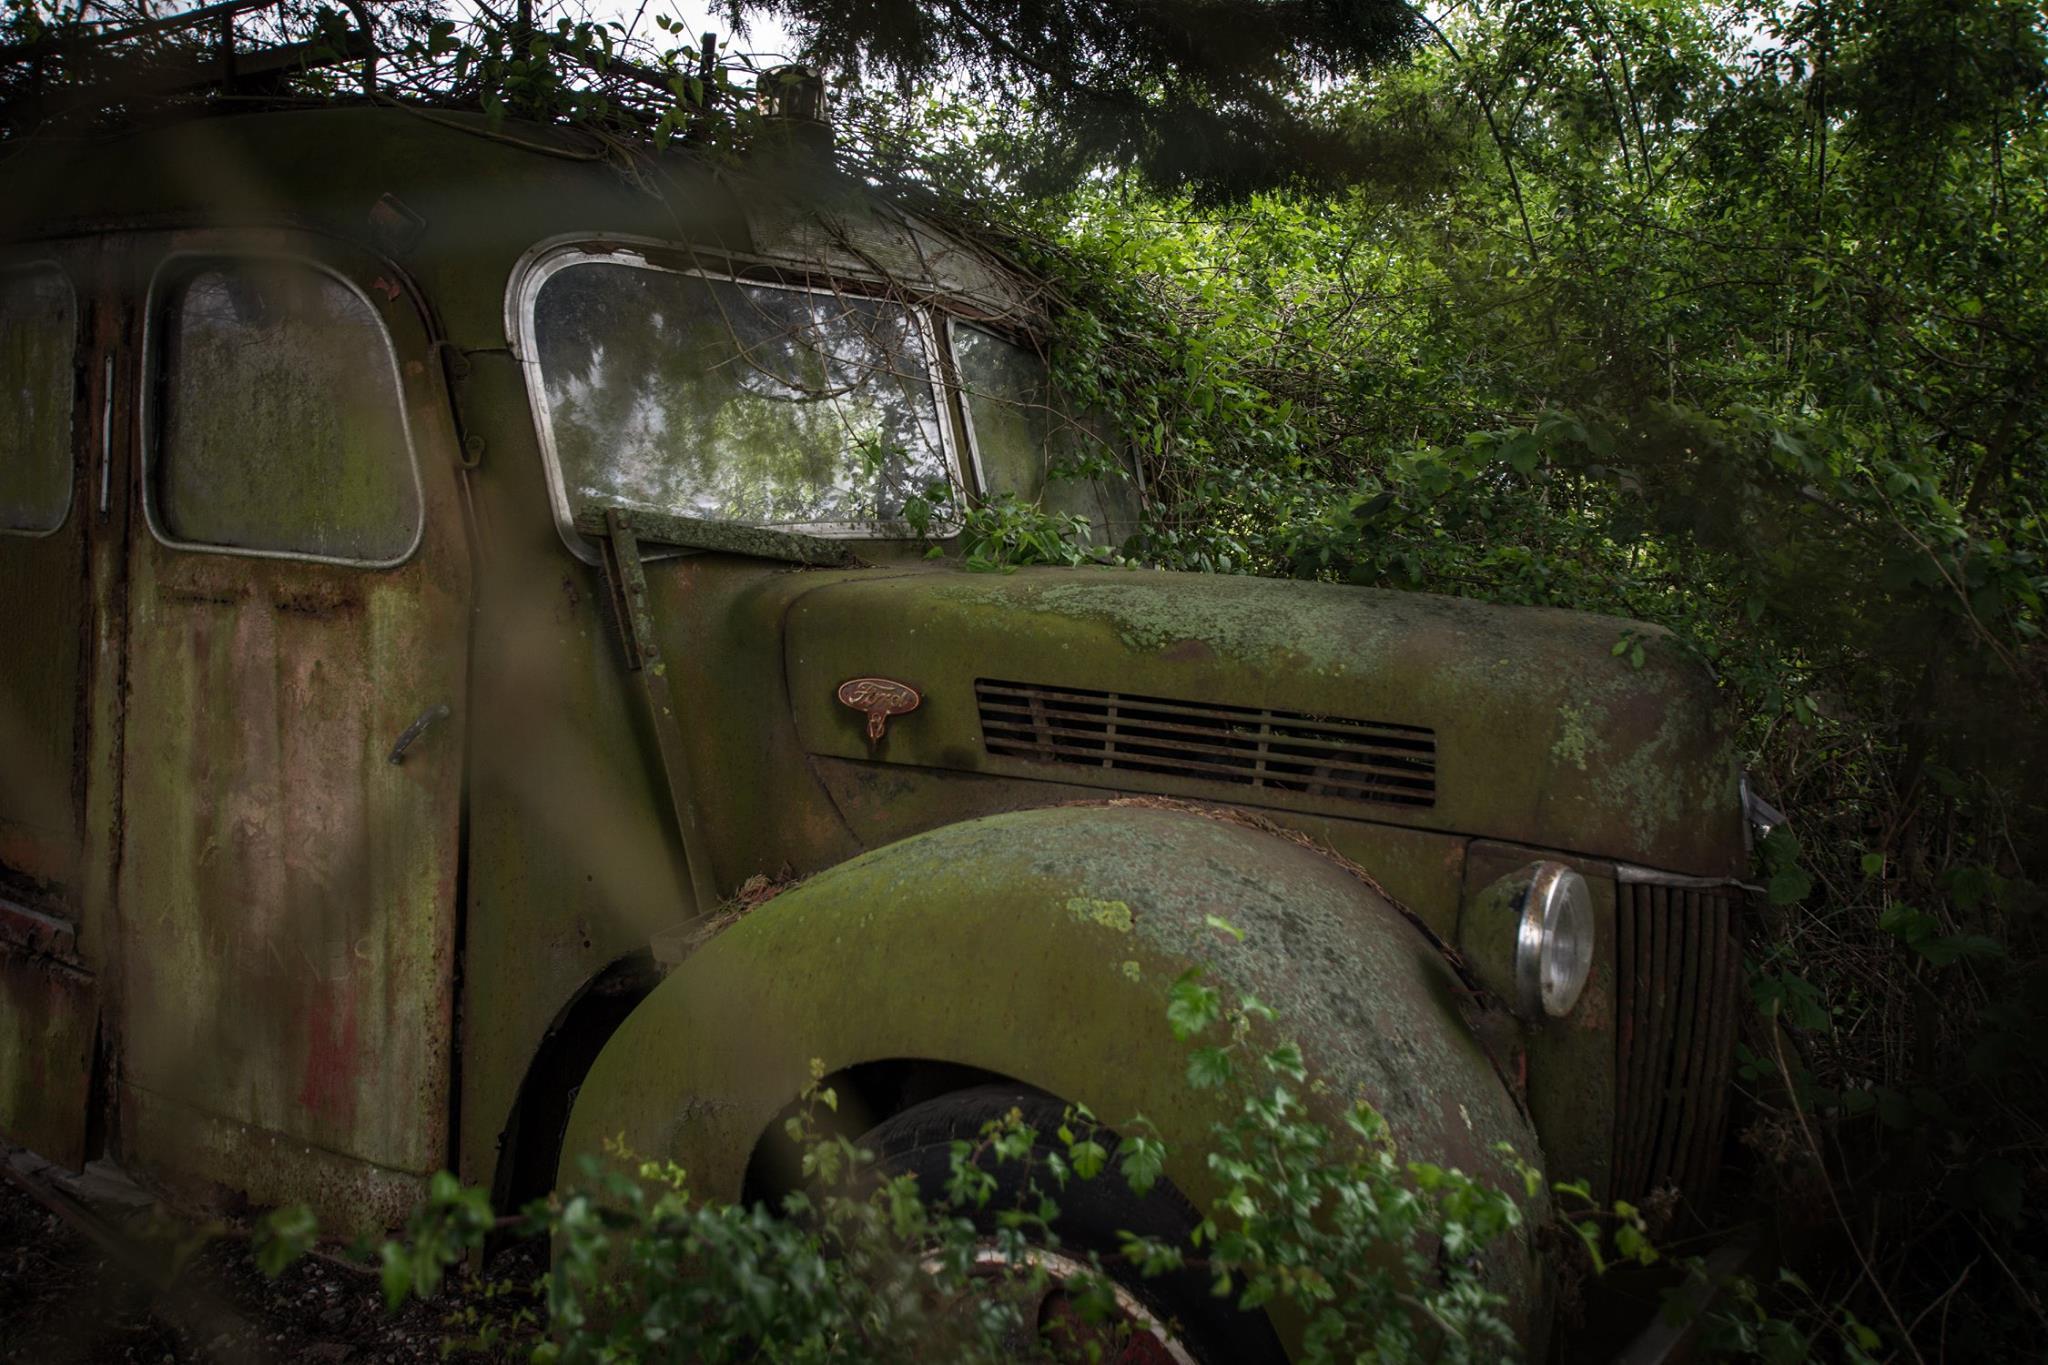 En-camouflage-derriere-le-grillage--un-beau-camion-qui-fut-certainement-rouge